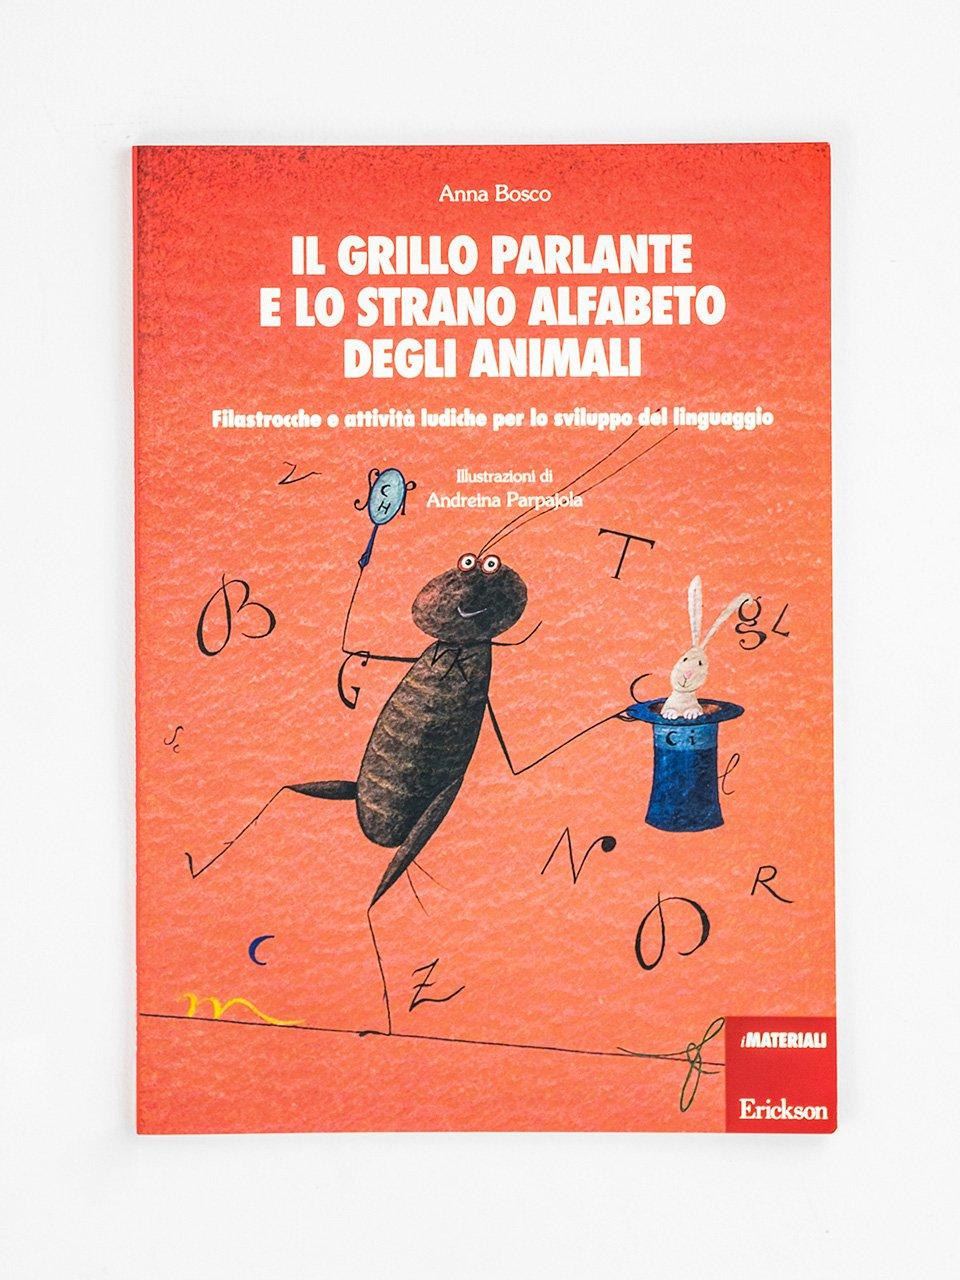 Il grillo parlante e lo strano alfabeto degli animali - Leggere per immagini - Libri - Erickson